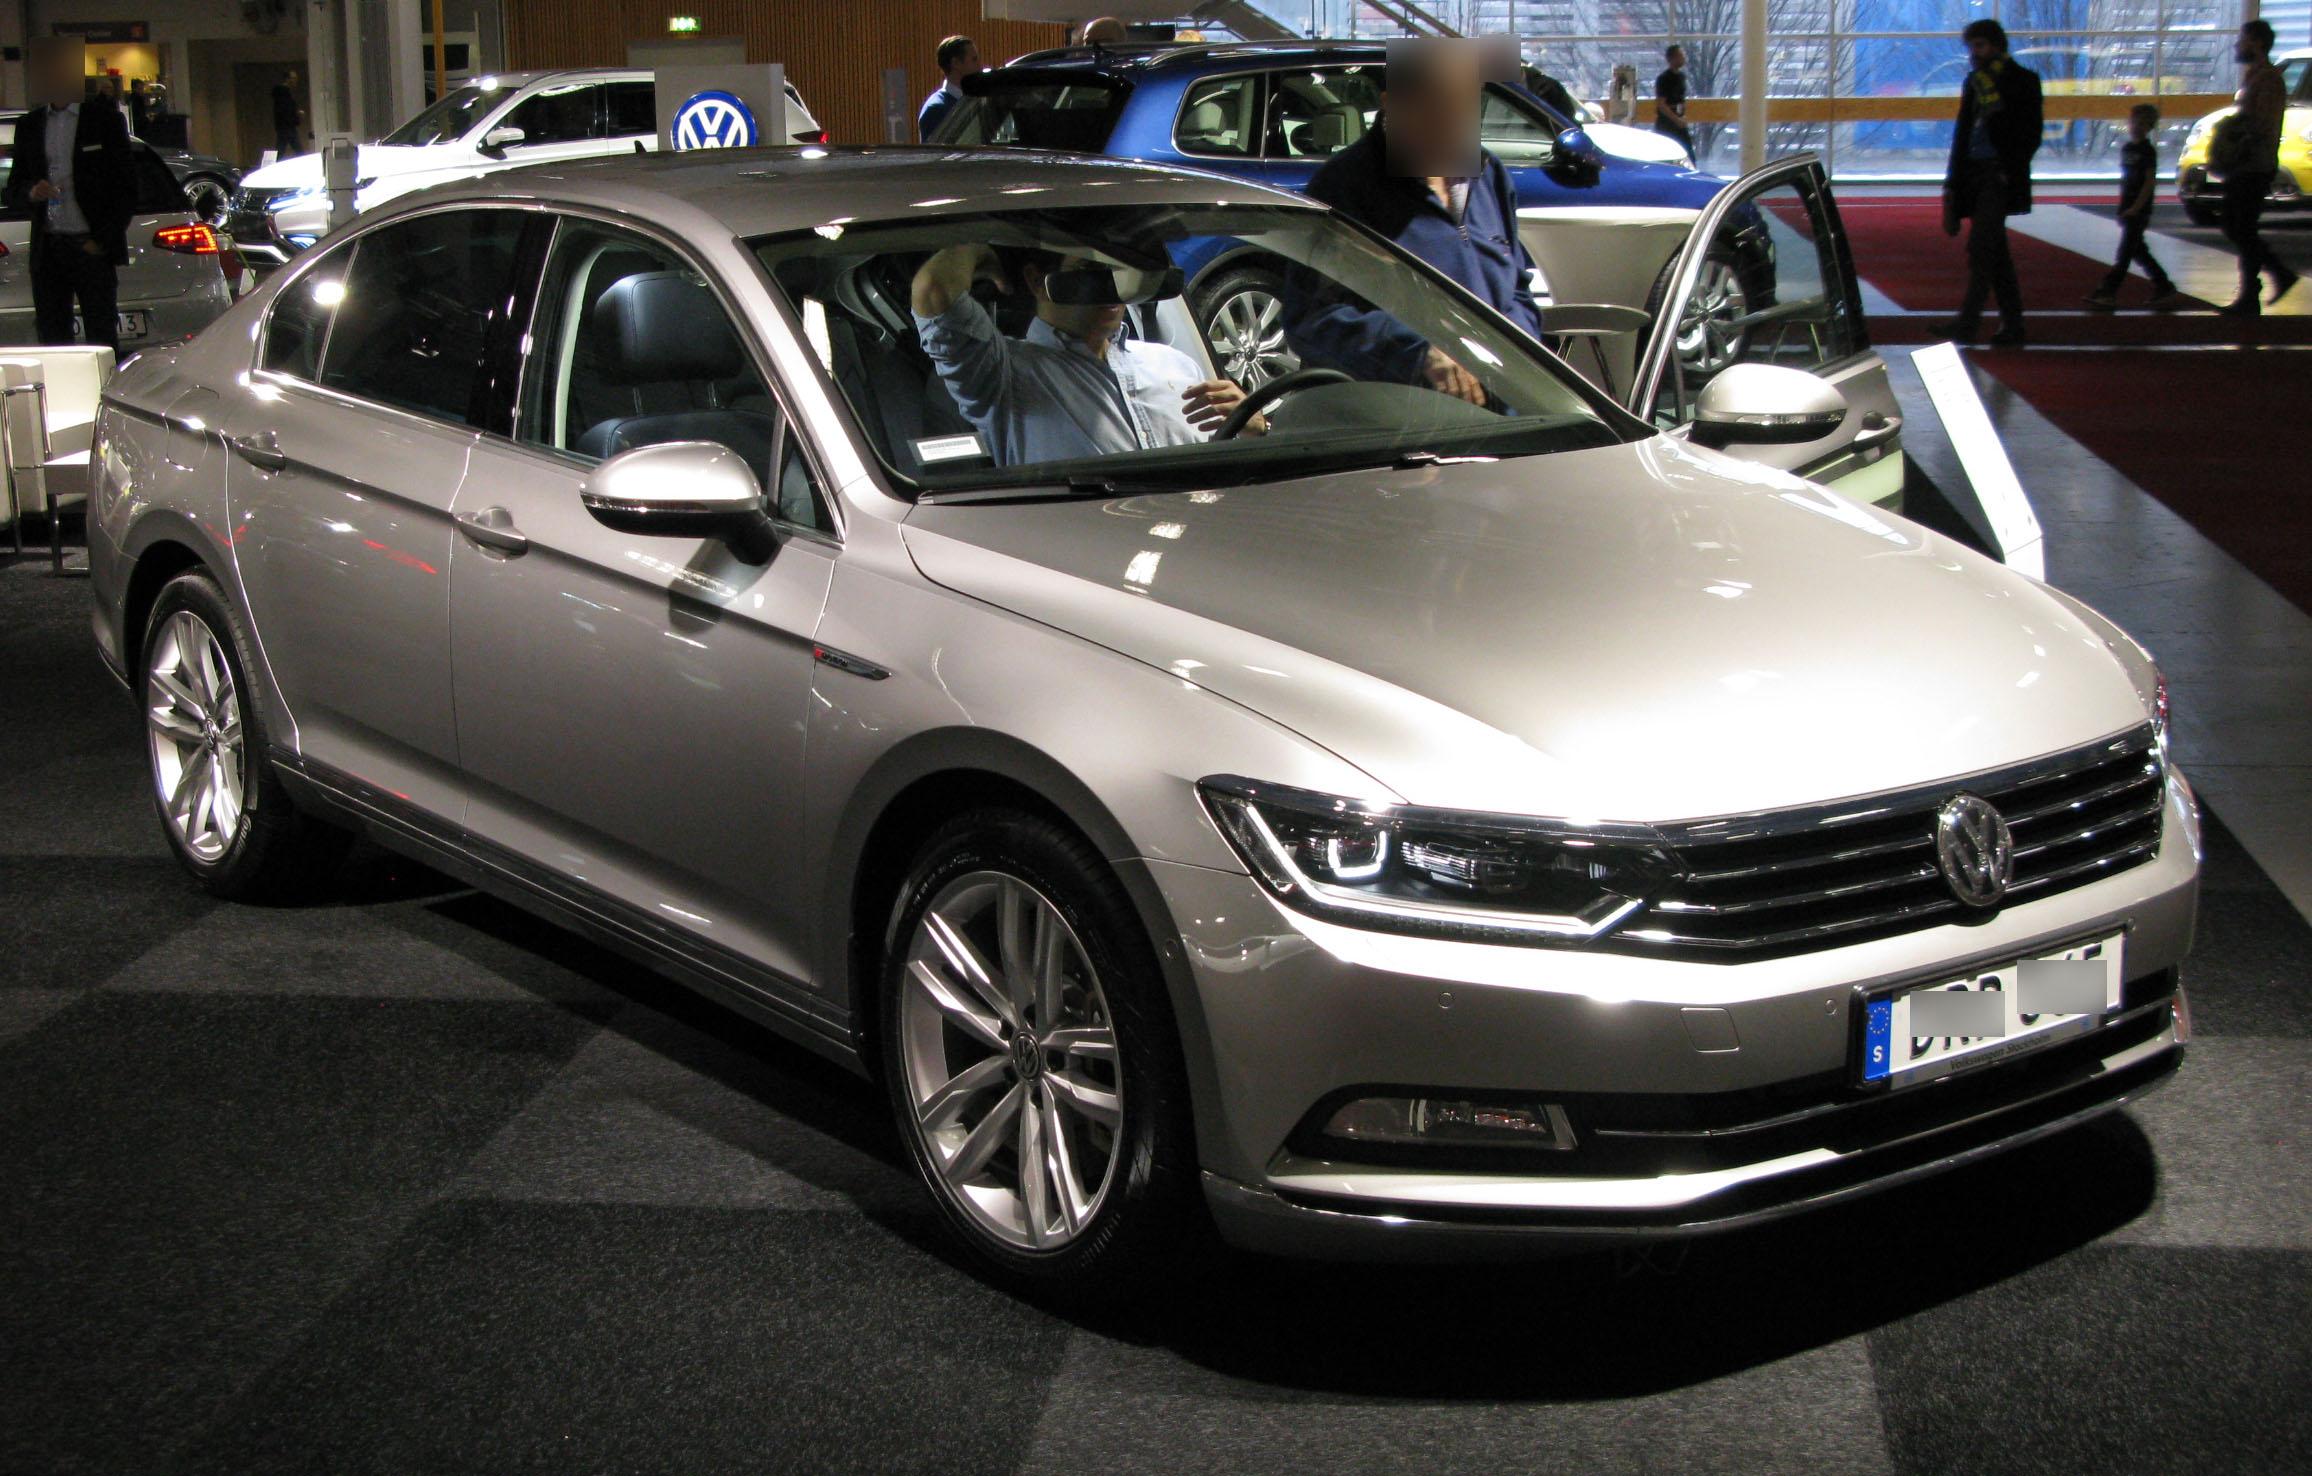 File:Volkswagen Passat B8 fr.jpg - Wikimedia Commons